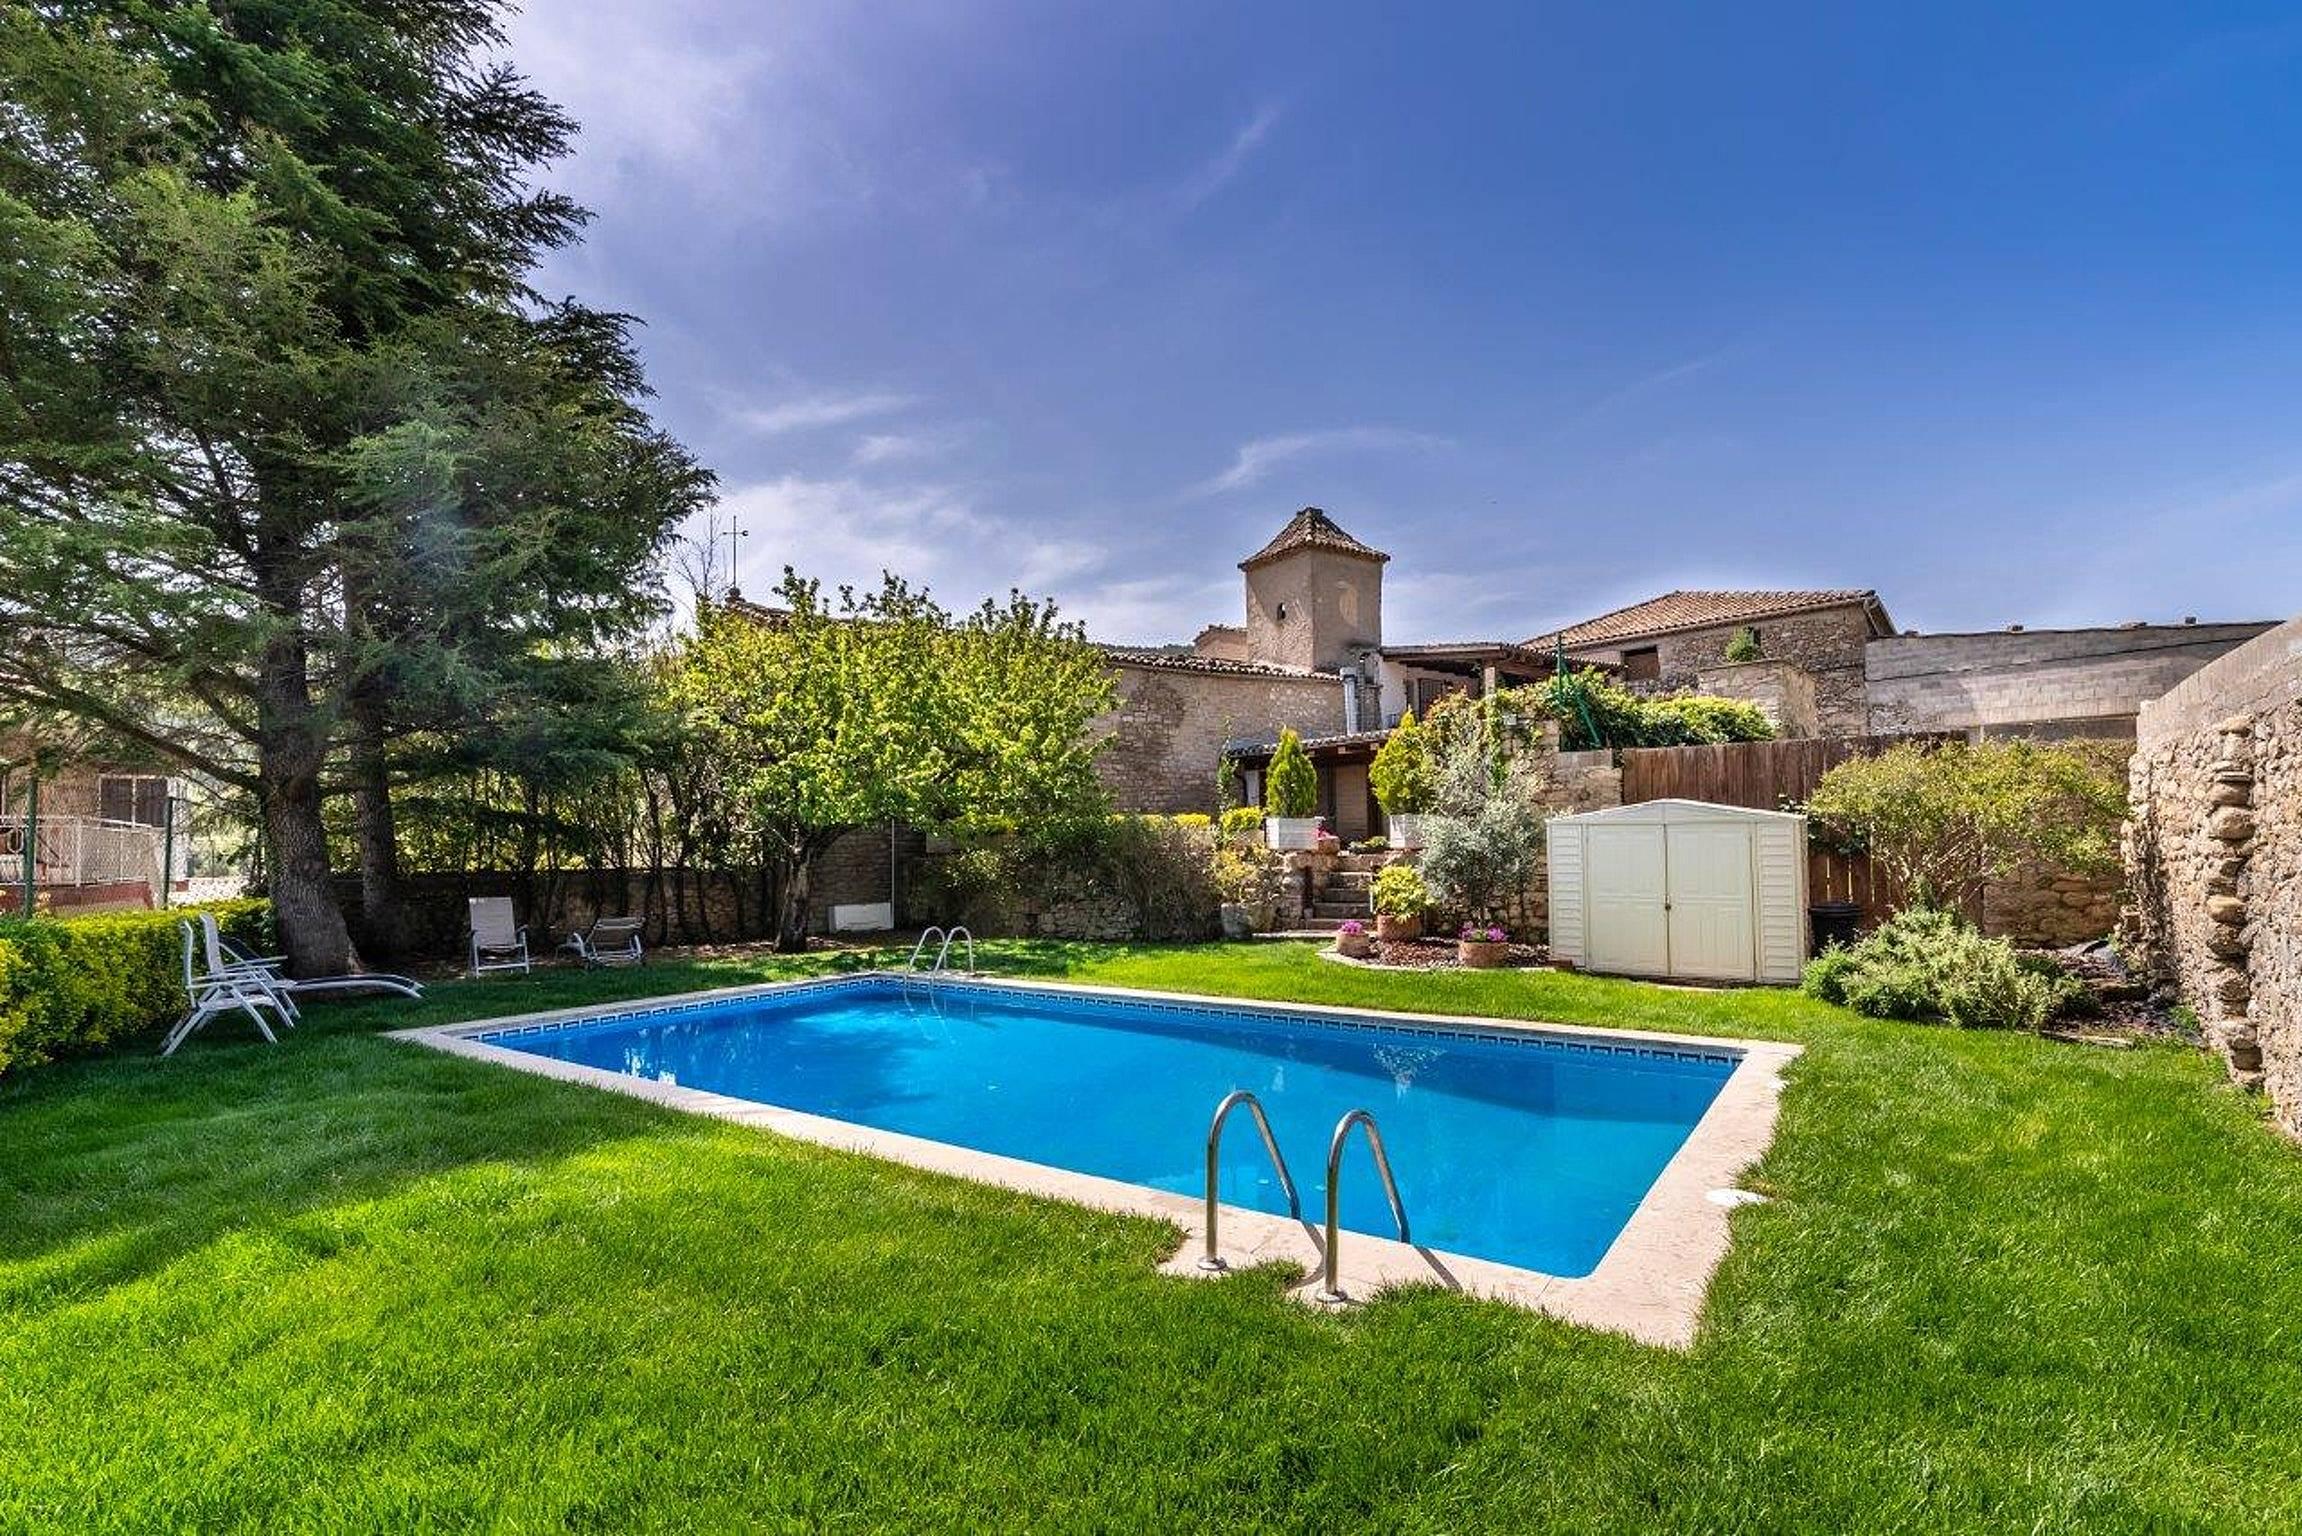 Alquiler apartamentos vacacionales en castellnou de bages barcelona y casas rurales - Casa rural bages ...